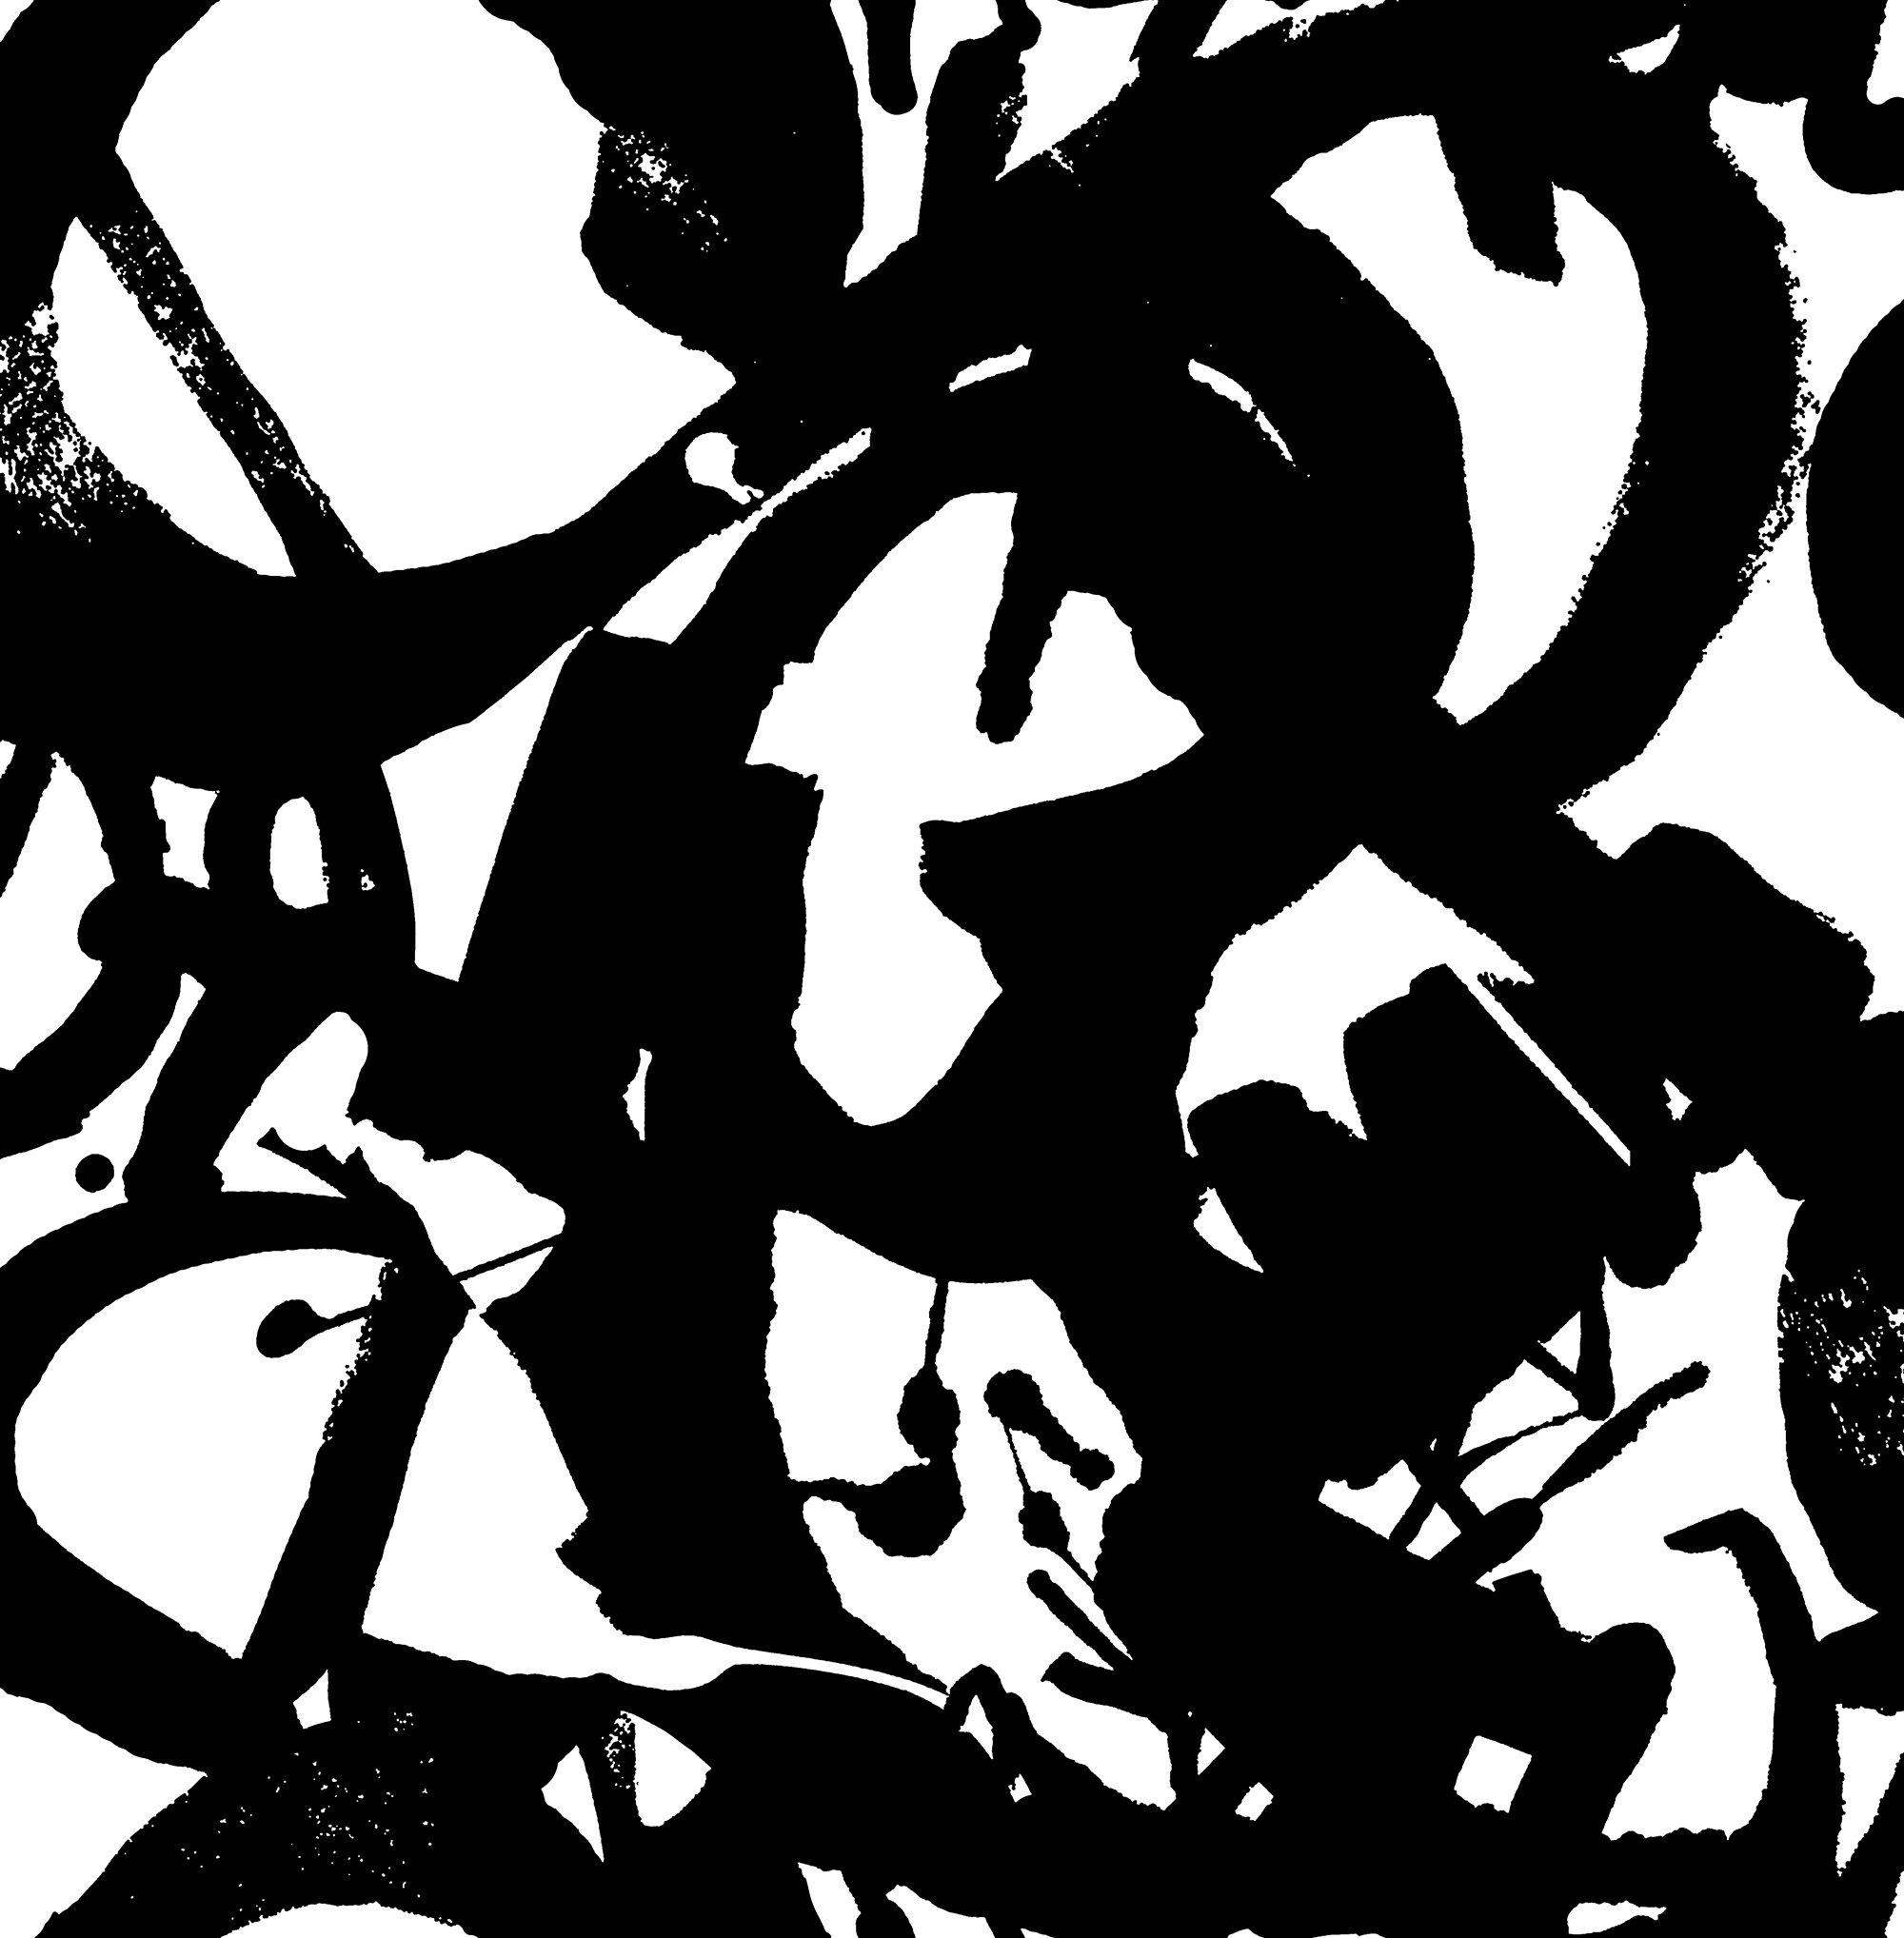 Wallpaper Abstract Wallpaper Retro Wallpaper Dark Etsy